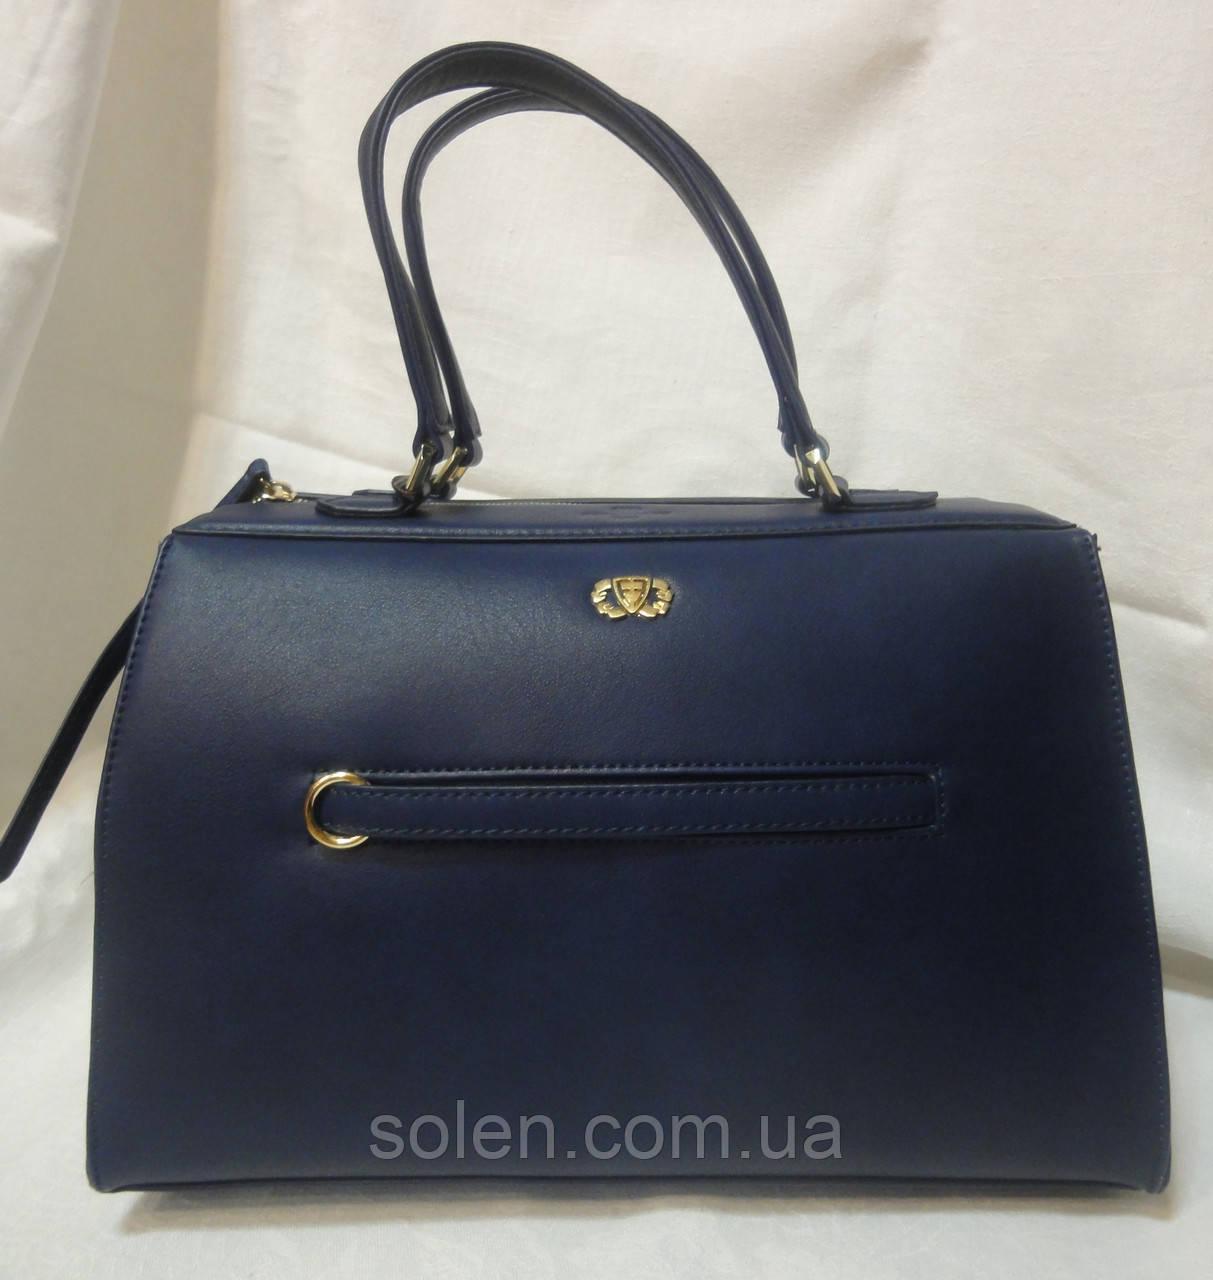 64c5a123ffe7 Сумка женская Forstmann: продажа, цена в Харькове. женские сумочки и ...